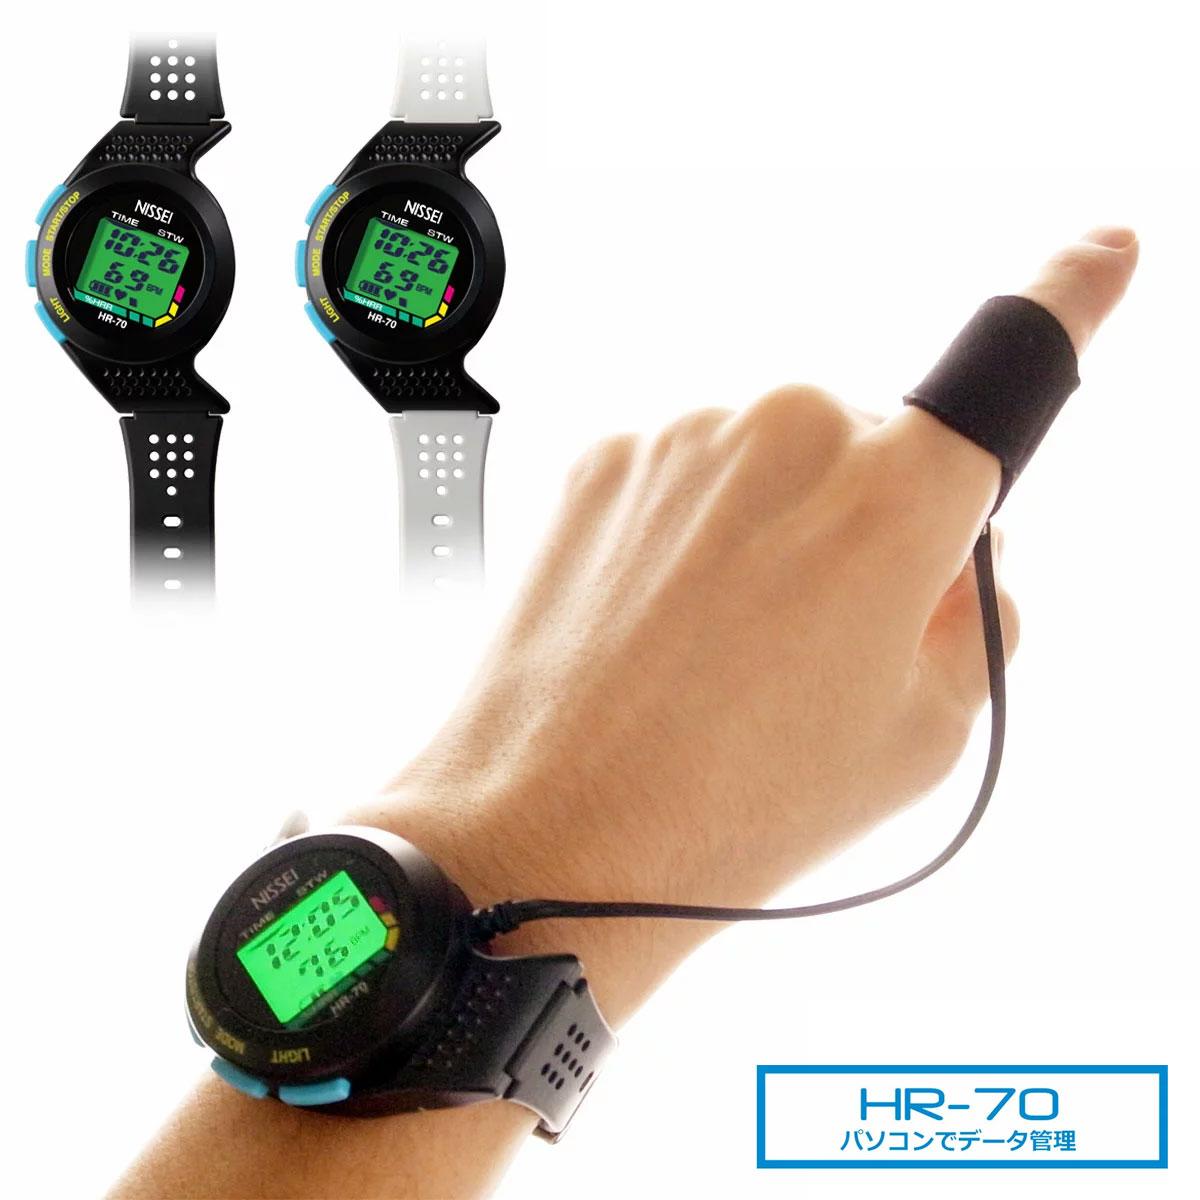 脈拍計:PCでデータ管理できる腕時計型脈拍モニター「パルネオ」HR-70【送料無料・代引無料】